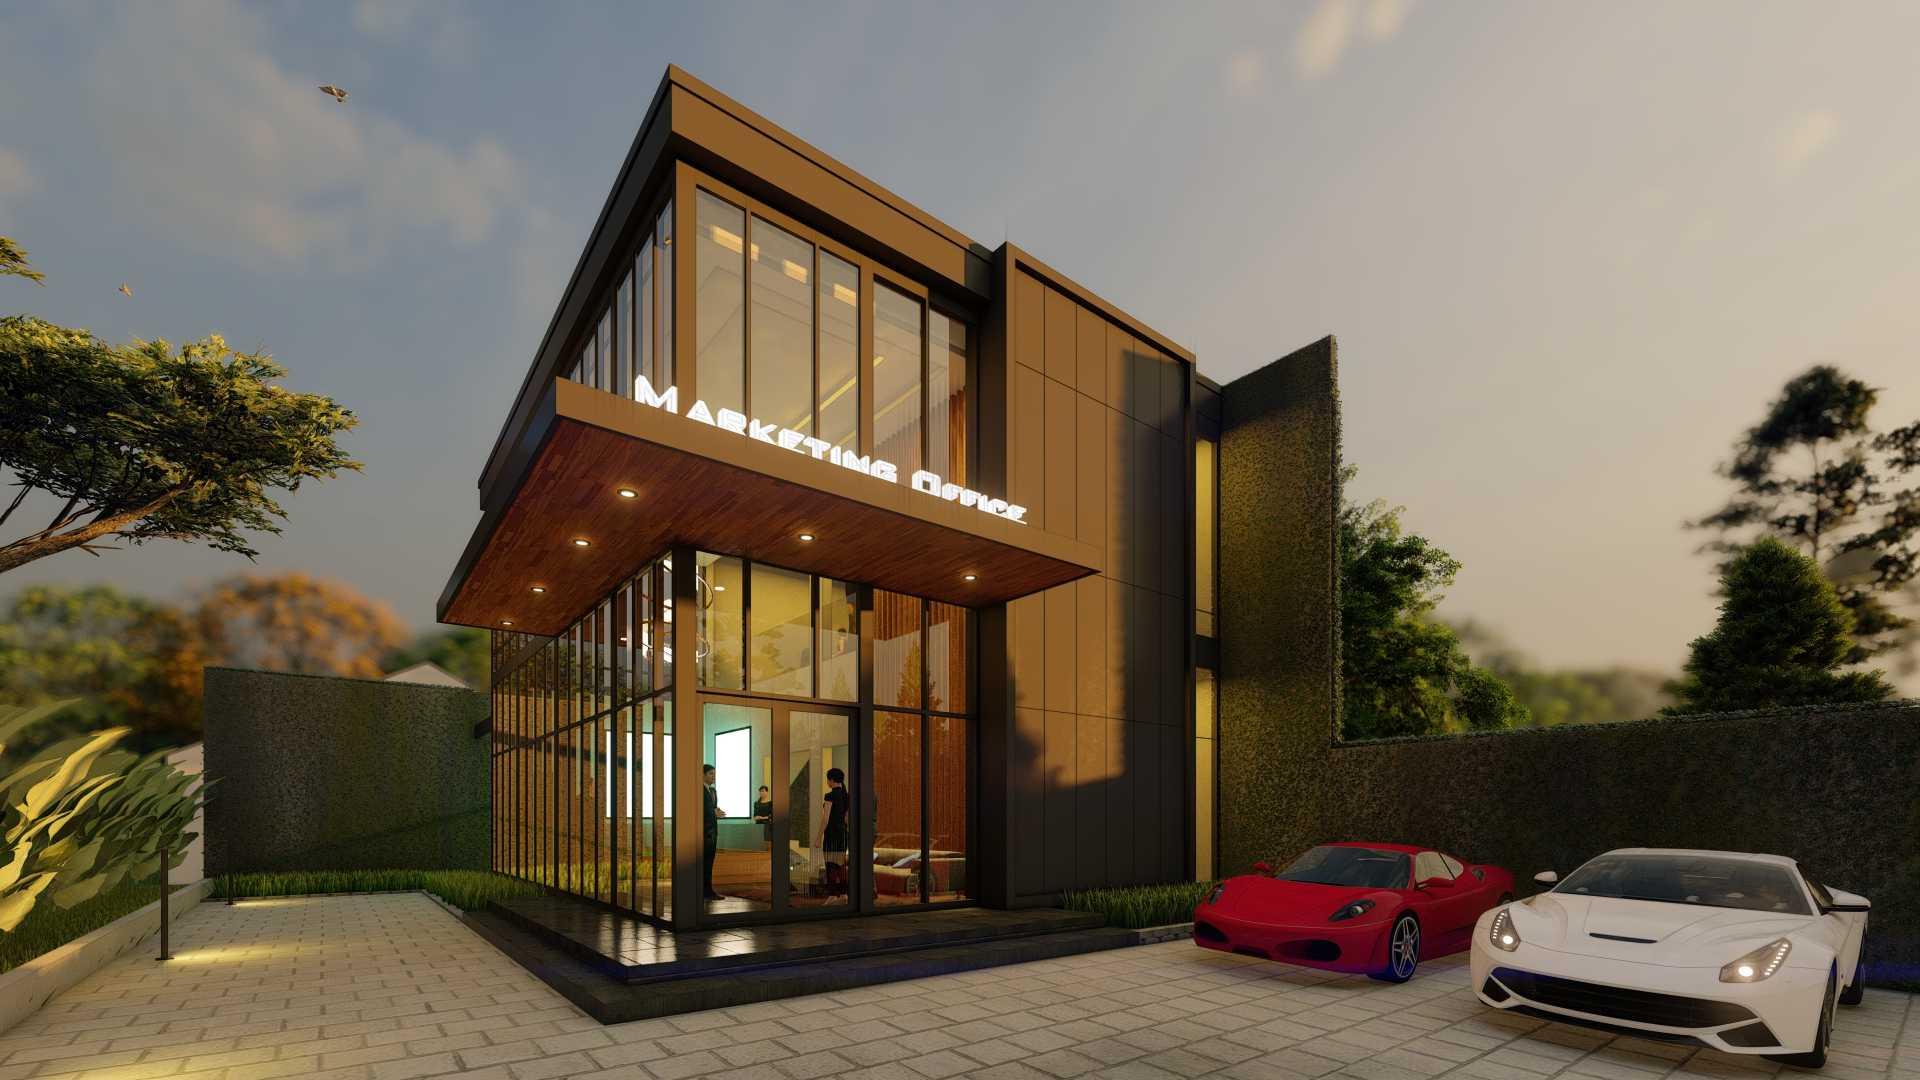 Slight Architect Marketing Office (Paired Design) Makassar, Kota Makassar, Sulawesi Selatan, Indonesia Makassar, Kota Makassar, Sulawesi Selatan, Indonesia Slight-Architect-Marketing-Office-Paired-Design   130714